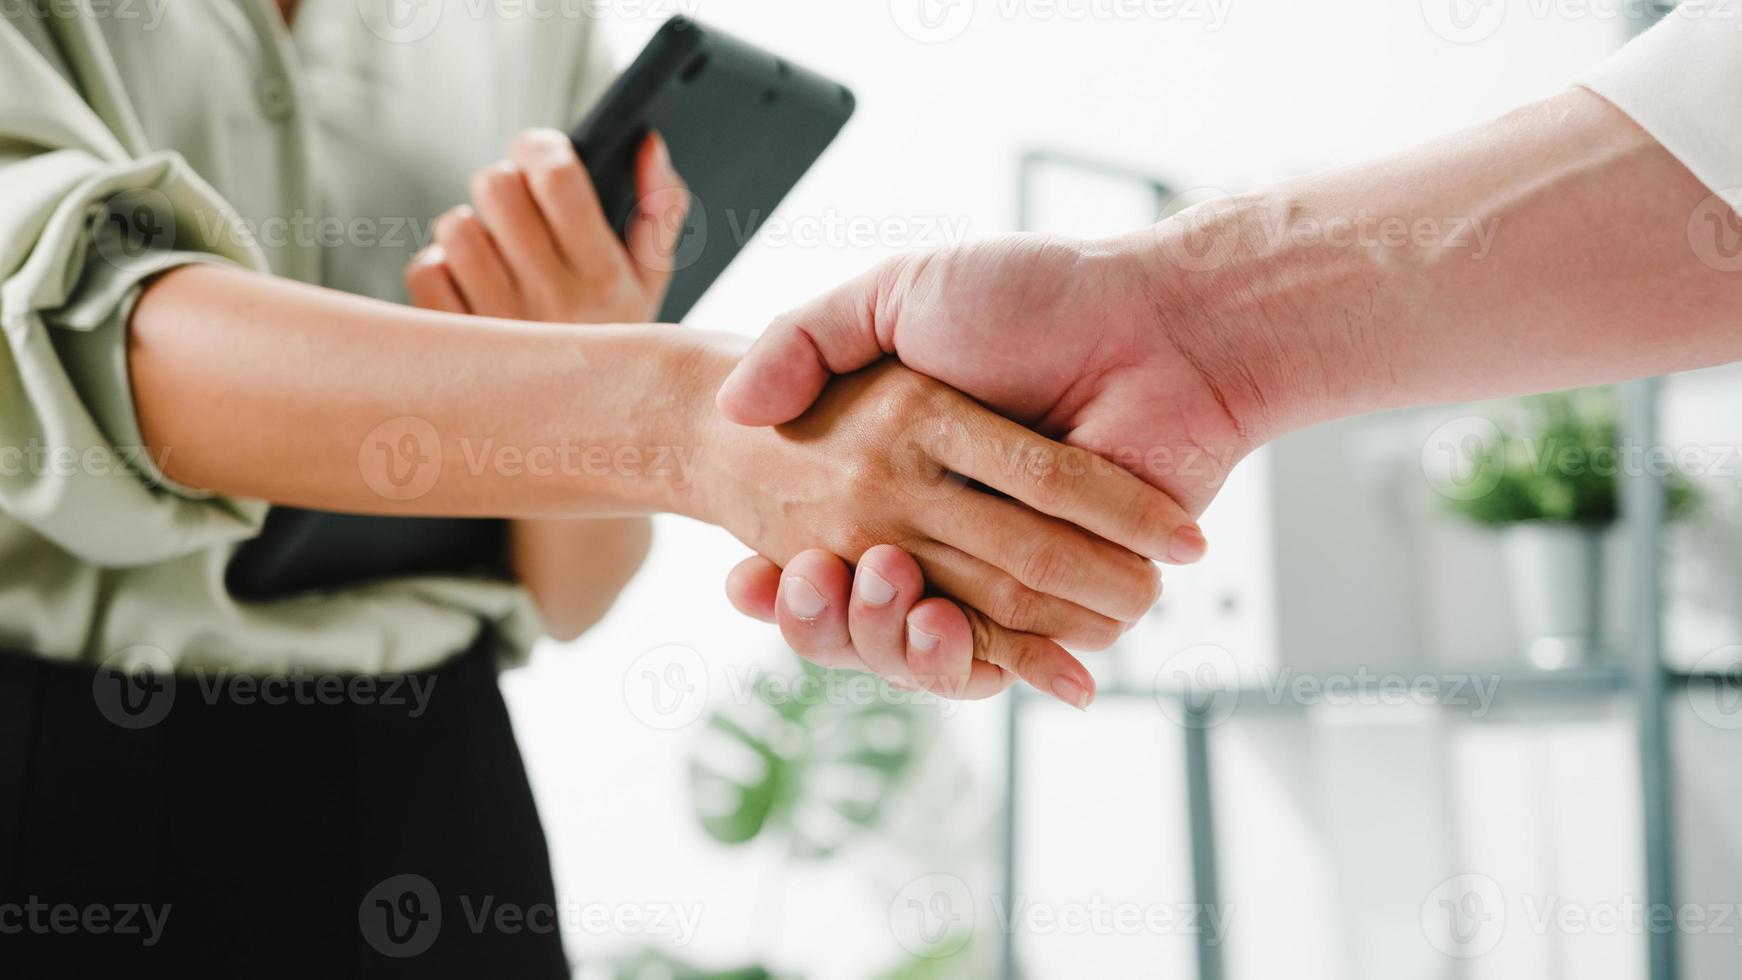 Multirassische Gruppe junger kreativer Menschen in smarter Freizeitkleidung, die über Geschäfte diskutieren, die Hände schütteln und lächeln, während sie in einem modernen Büro stehen. partnerkooperation, mitarbeiterteamwork-konzept. foto